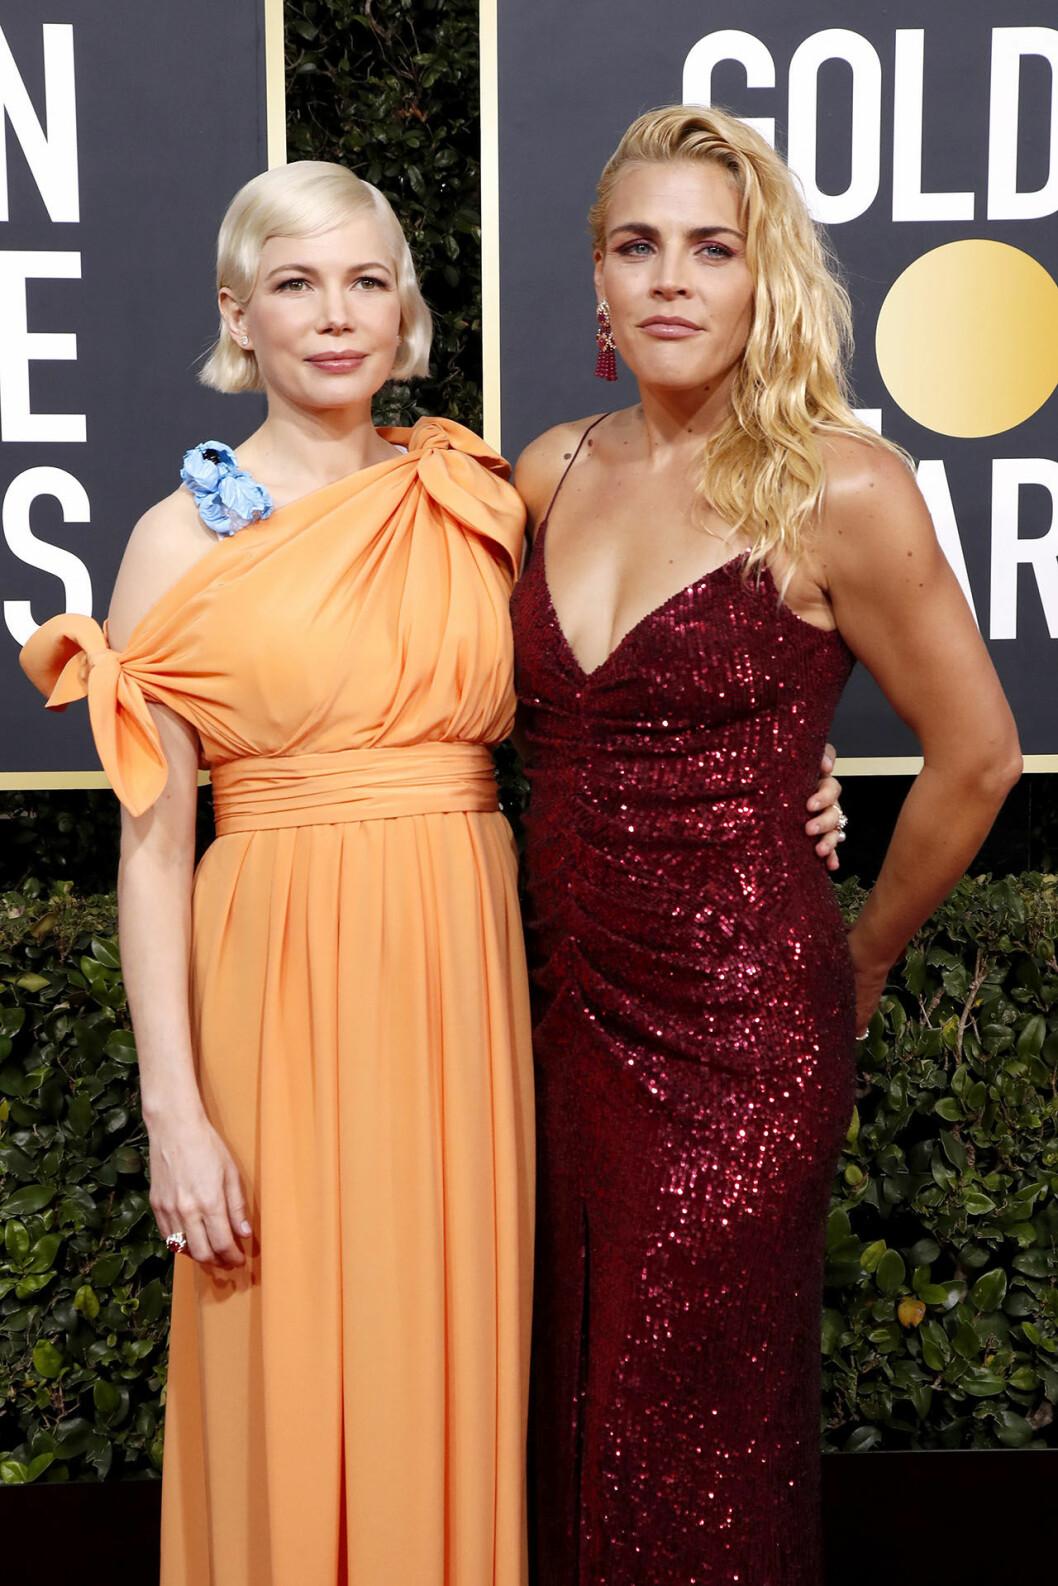 Michelle Williams och Busy Philipps på Golden Globes.